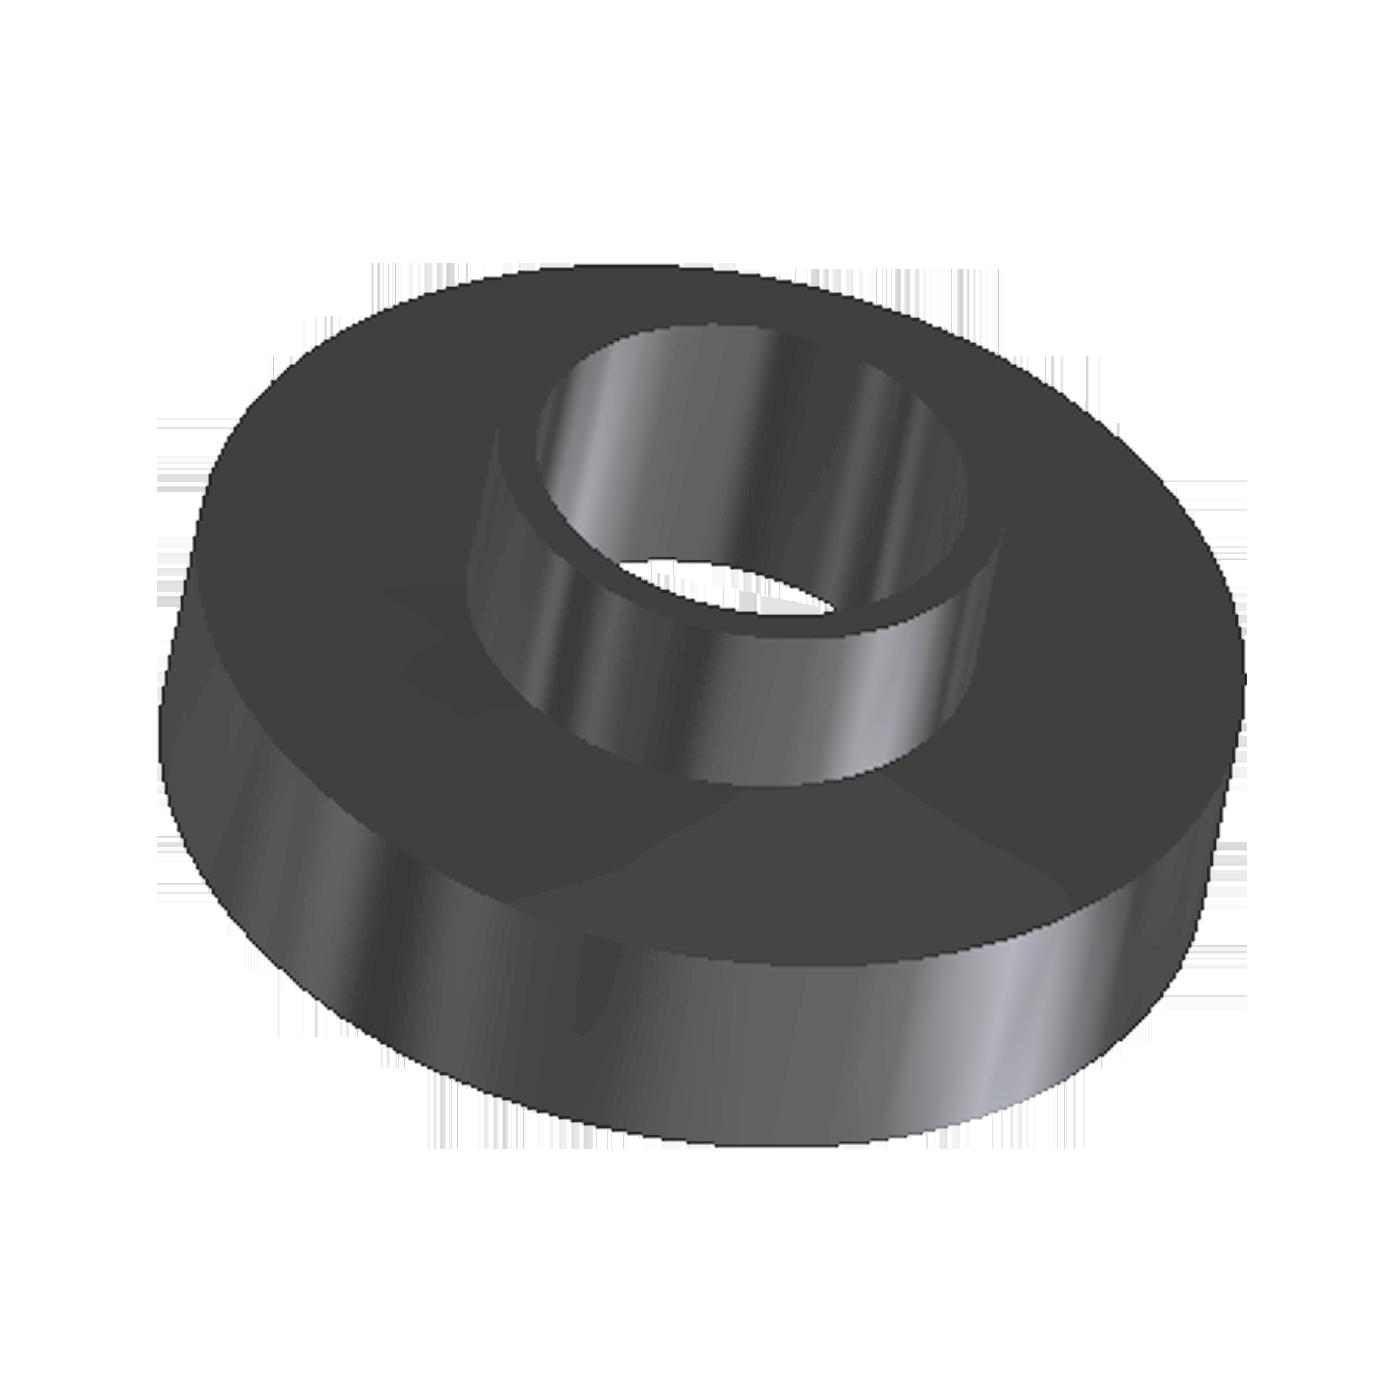 mbo Oßwald bietet für Winkelgelenke nach DIN 71802 auch Dichtkappen an. Der Zwischenraum zwischen Kugelpfanne und Kugelzapfen wird durch die Dichtkappe abgedeckt und bietet so optimalen Schutz vor Zerstörung durch Umwelteinflüsse.